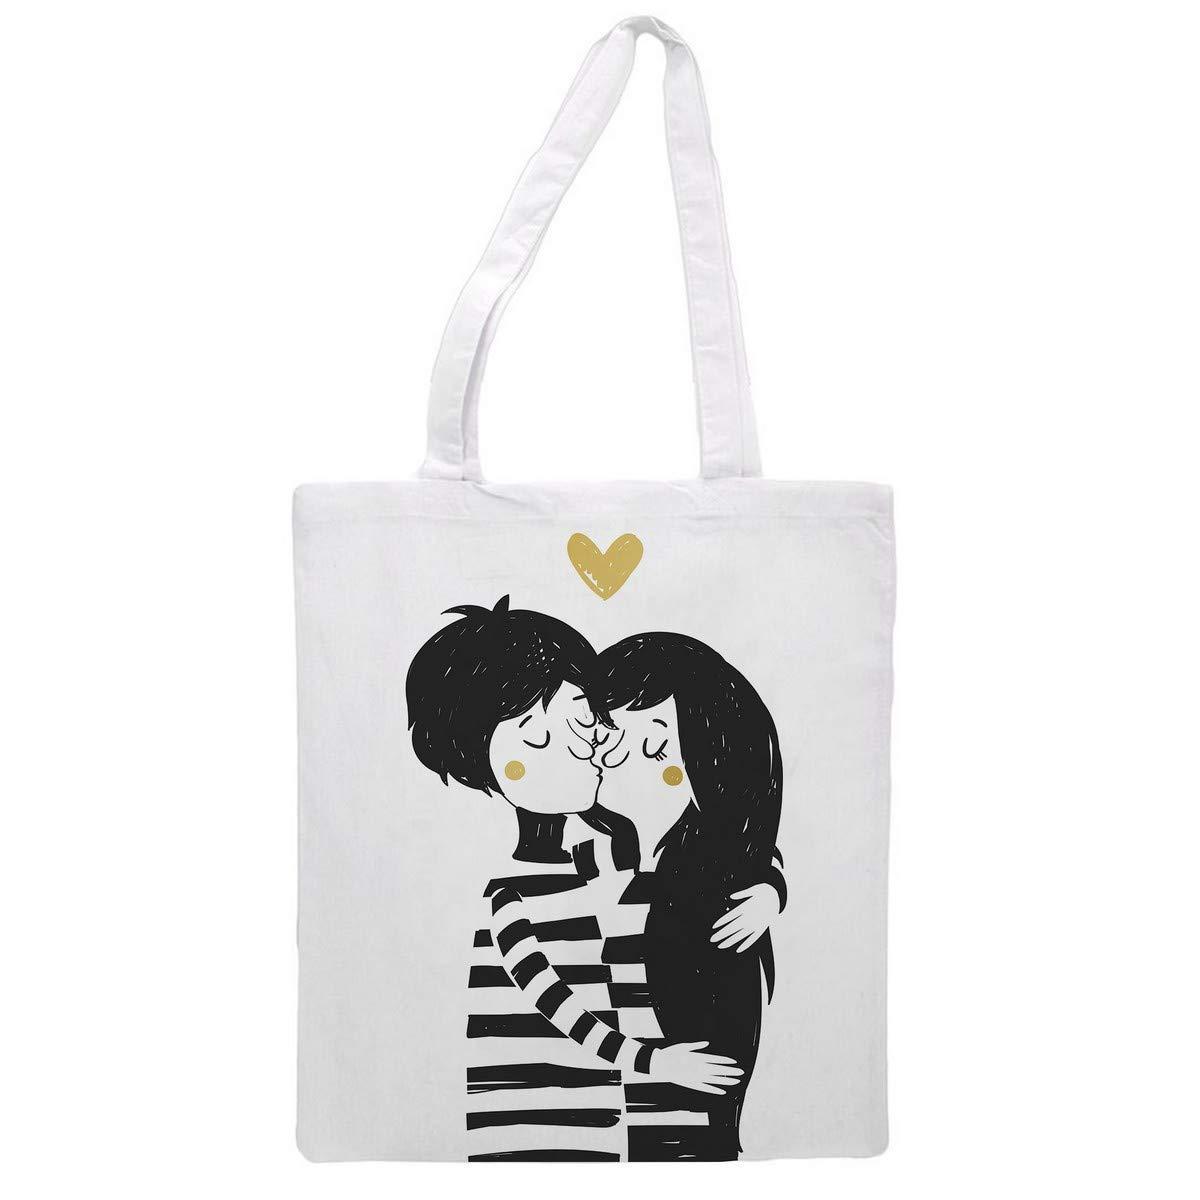 【激安セール】 Appaloosa design サイズ: - tote bags レディース US サイズ: - M bags カラー: ホワイト B07C7VRJX1, 大型観葉植物と造花の専門店Gstyle:f2e5f46a --- arianechie.dominiotemporario.com